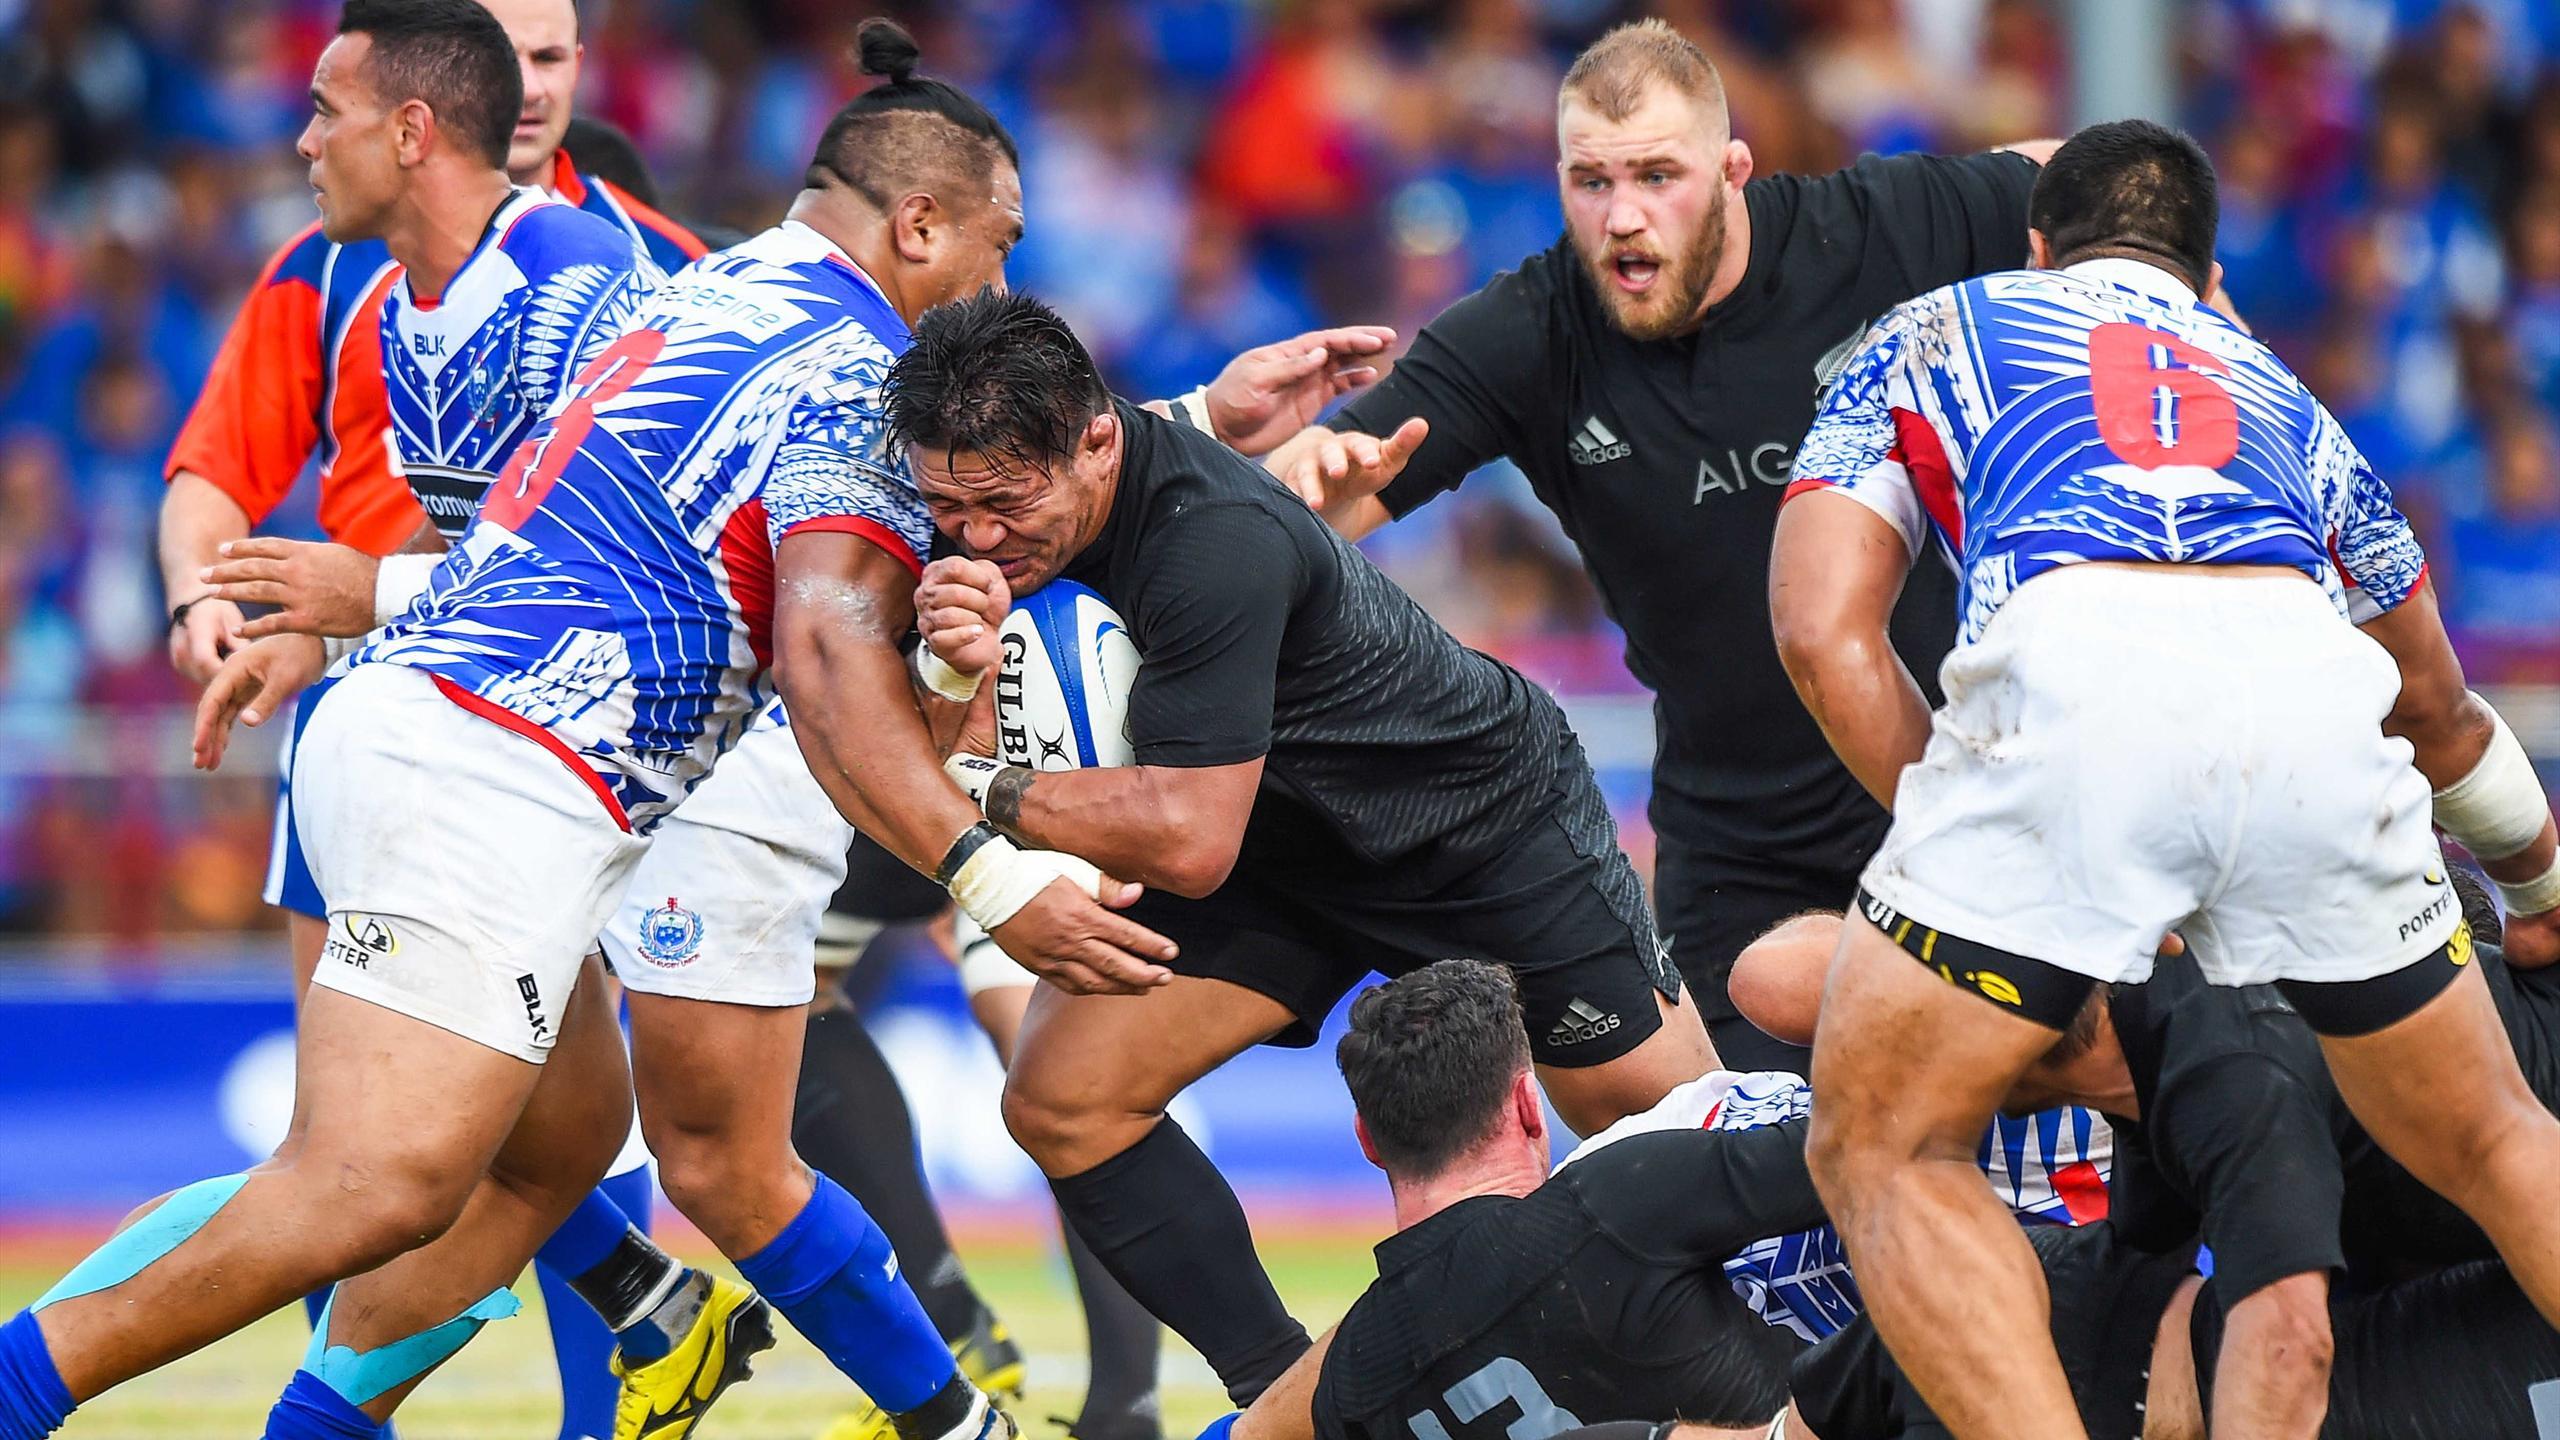 Kevin Mealamu (Nouvelle-Zélande) face aux Samoa - 8 juillet 2015